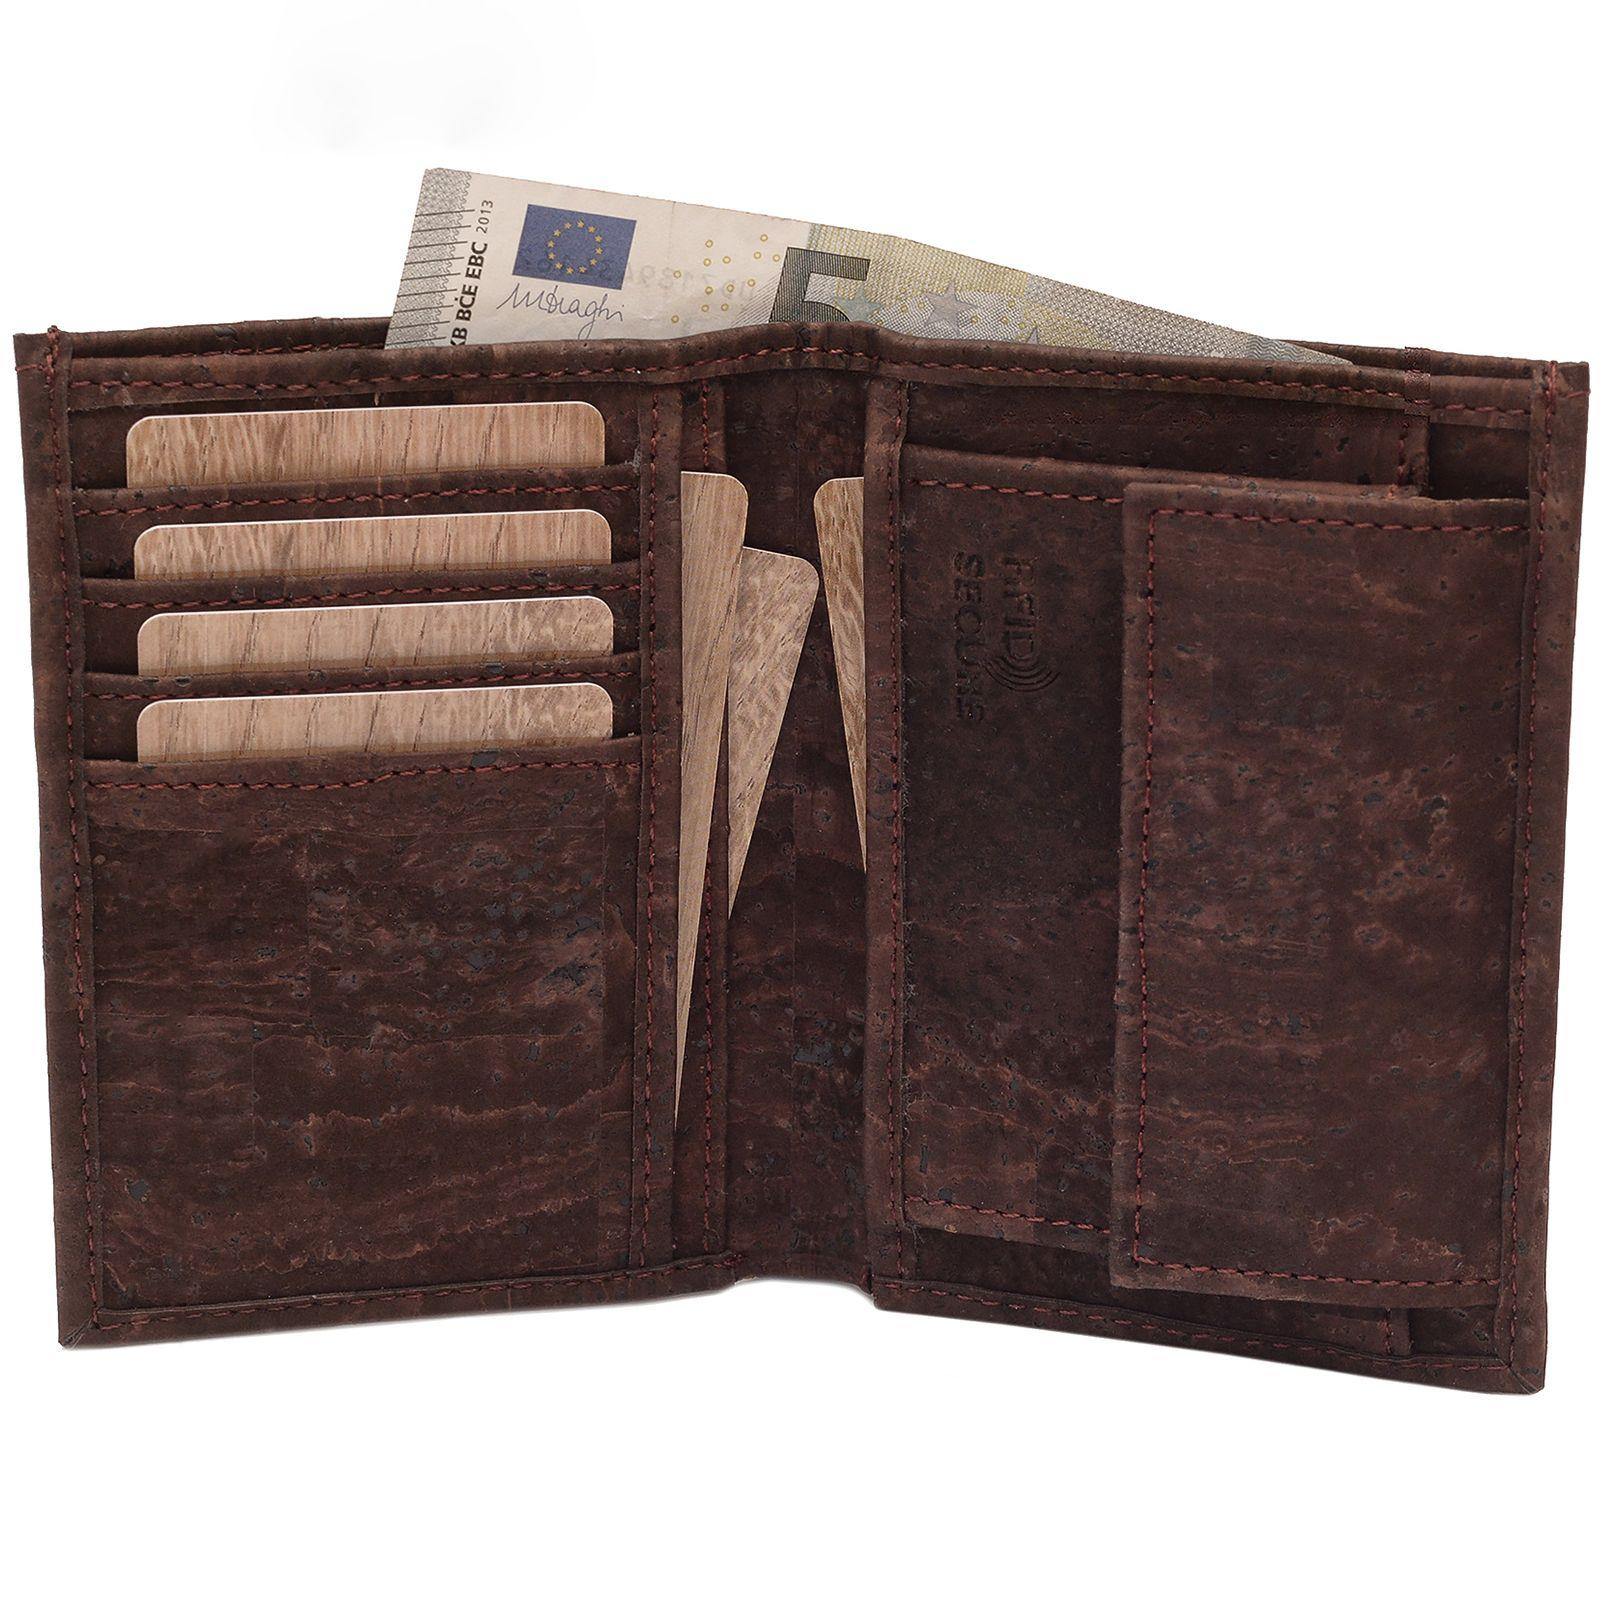 SIMARU-KAZUHIKO-RFID-BLOCK-Kork-Portemonnaie-brown